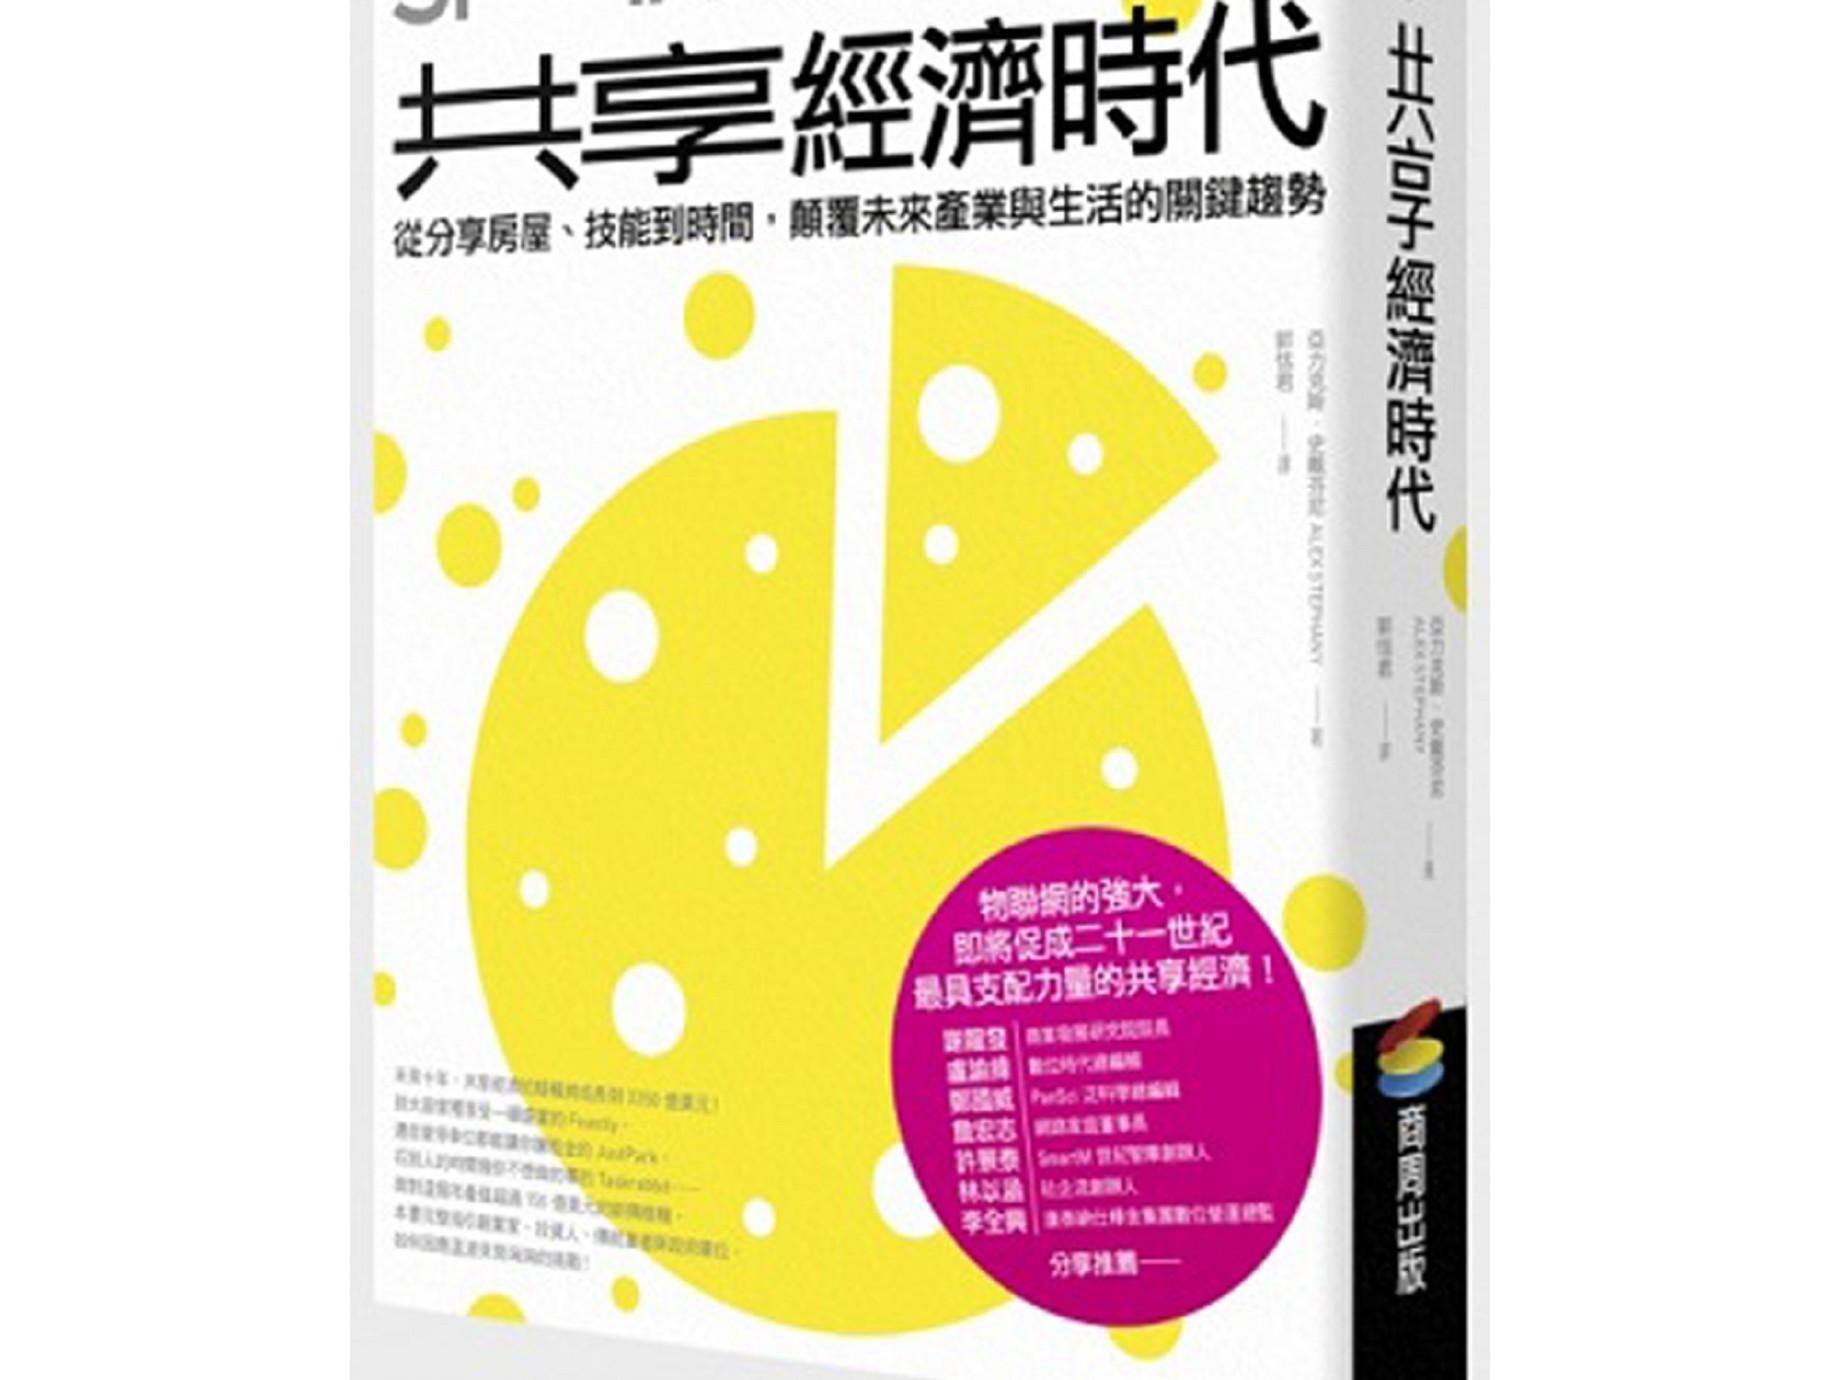 許景泰(SmartM創辦人)導讀【共享經濟時代】,掀起一場巨大的互聯網商業革命